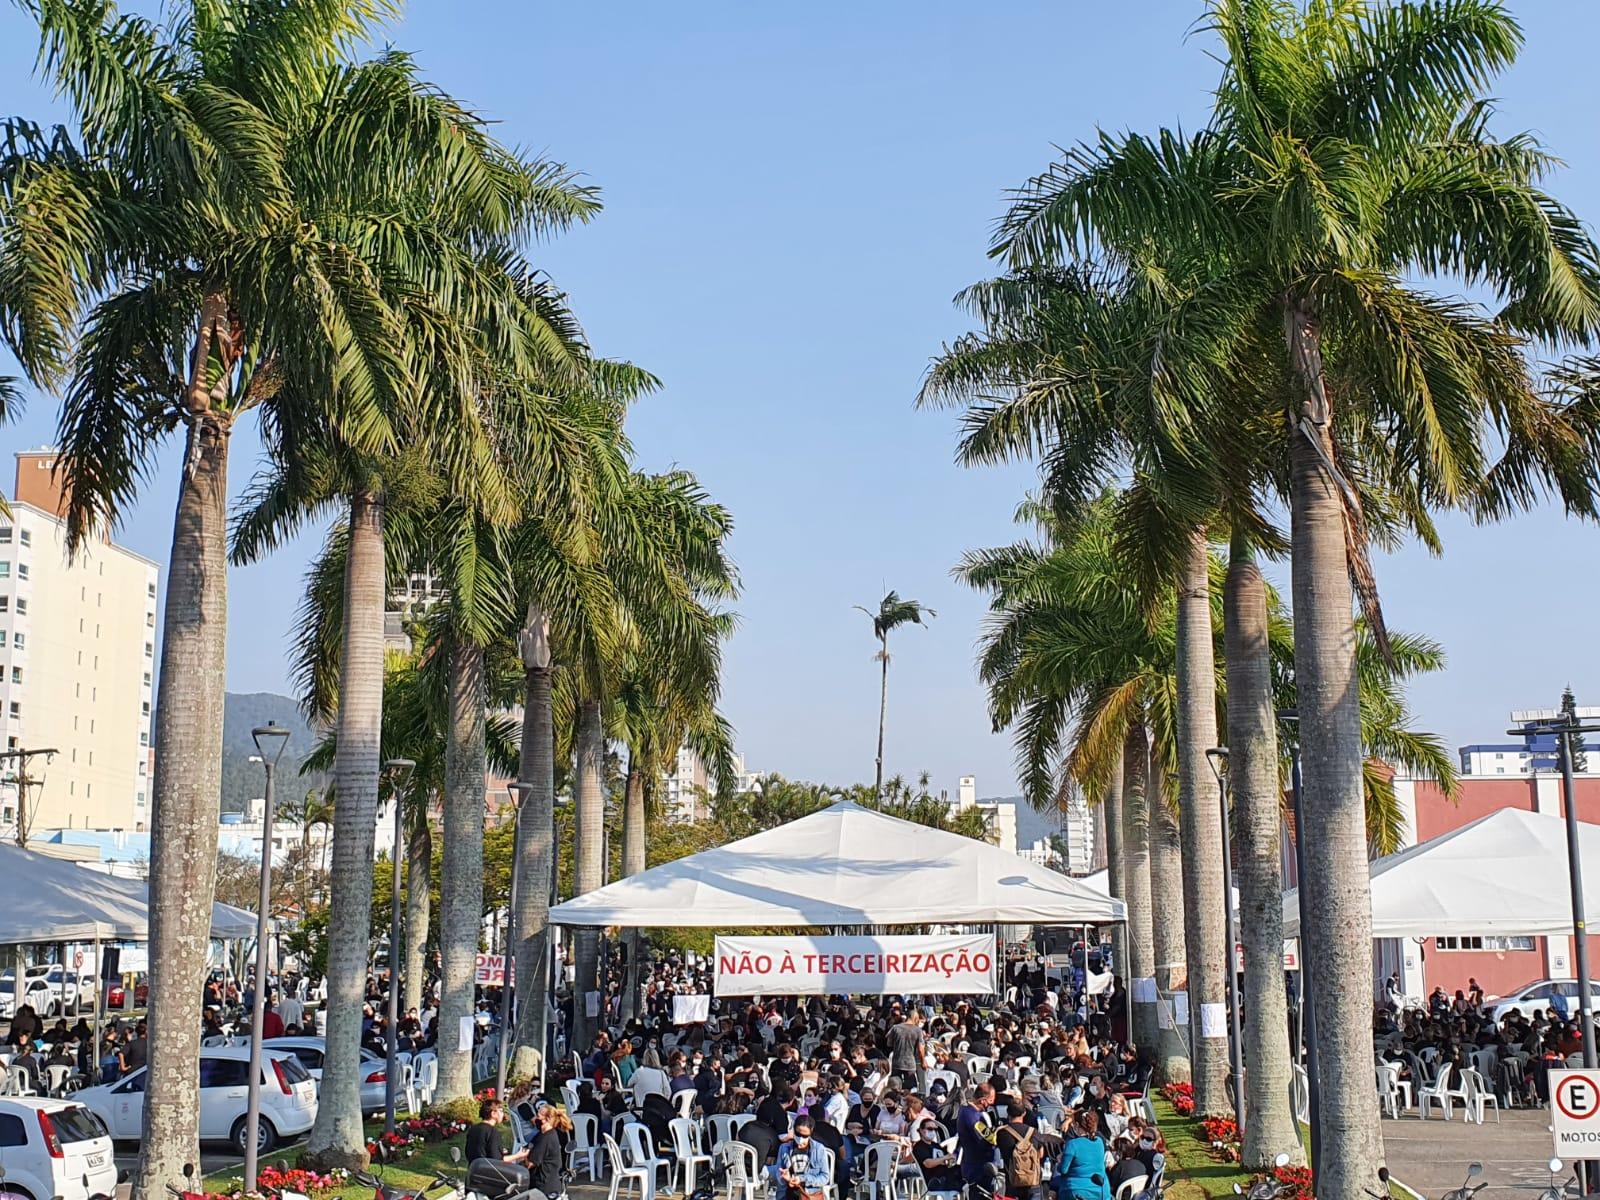 Veja como foi o segundo dia de greve dos servidores municipais de Itajaí!